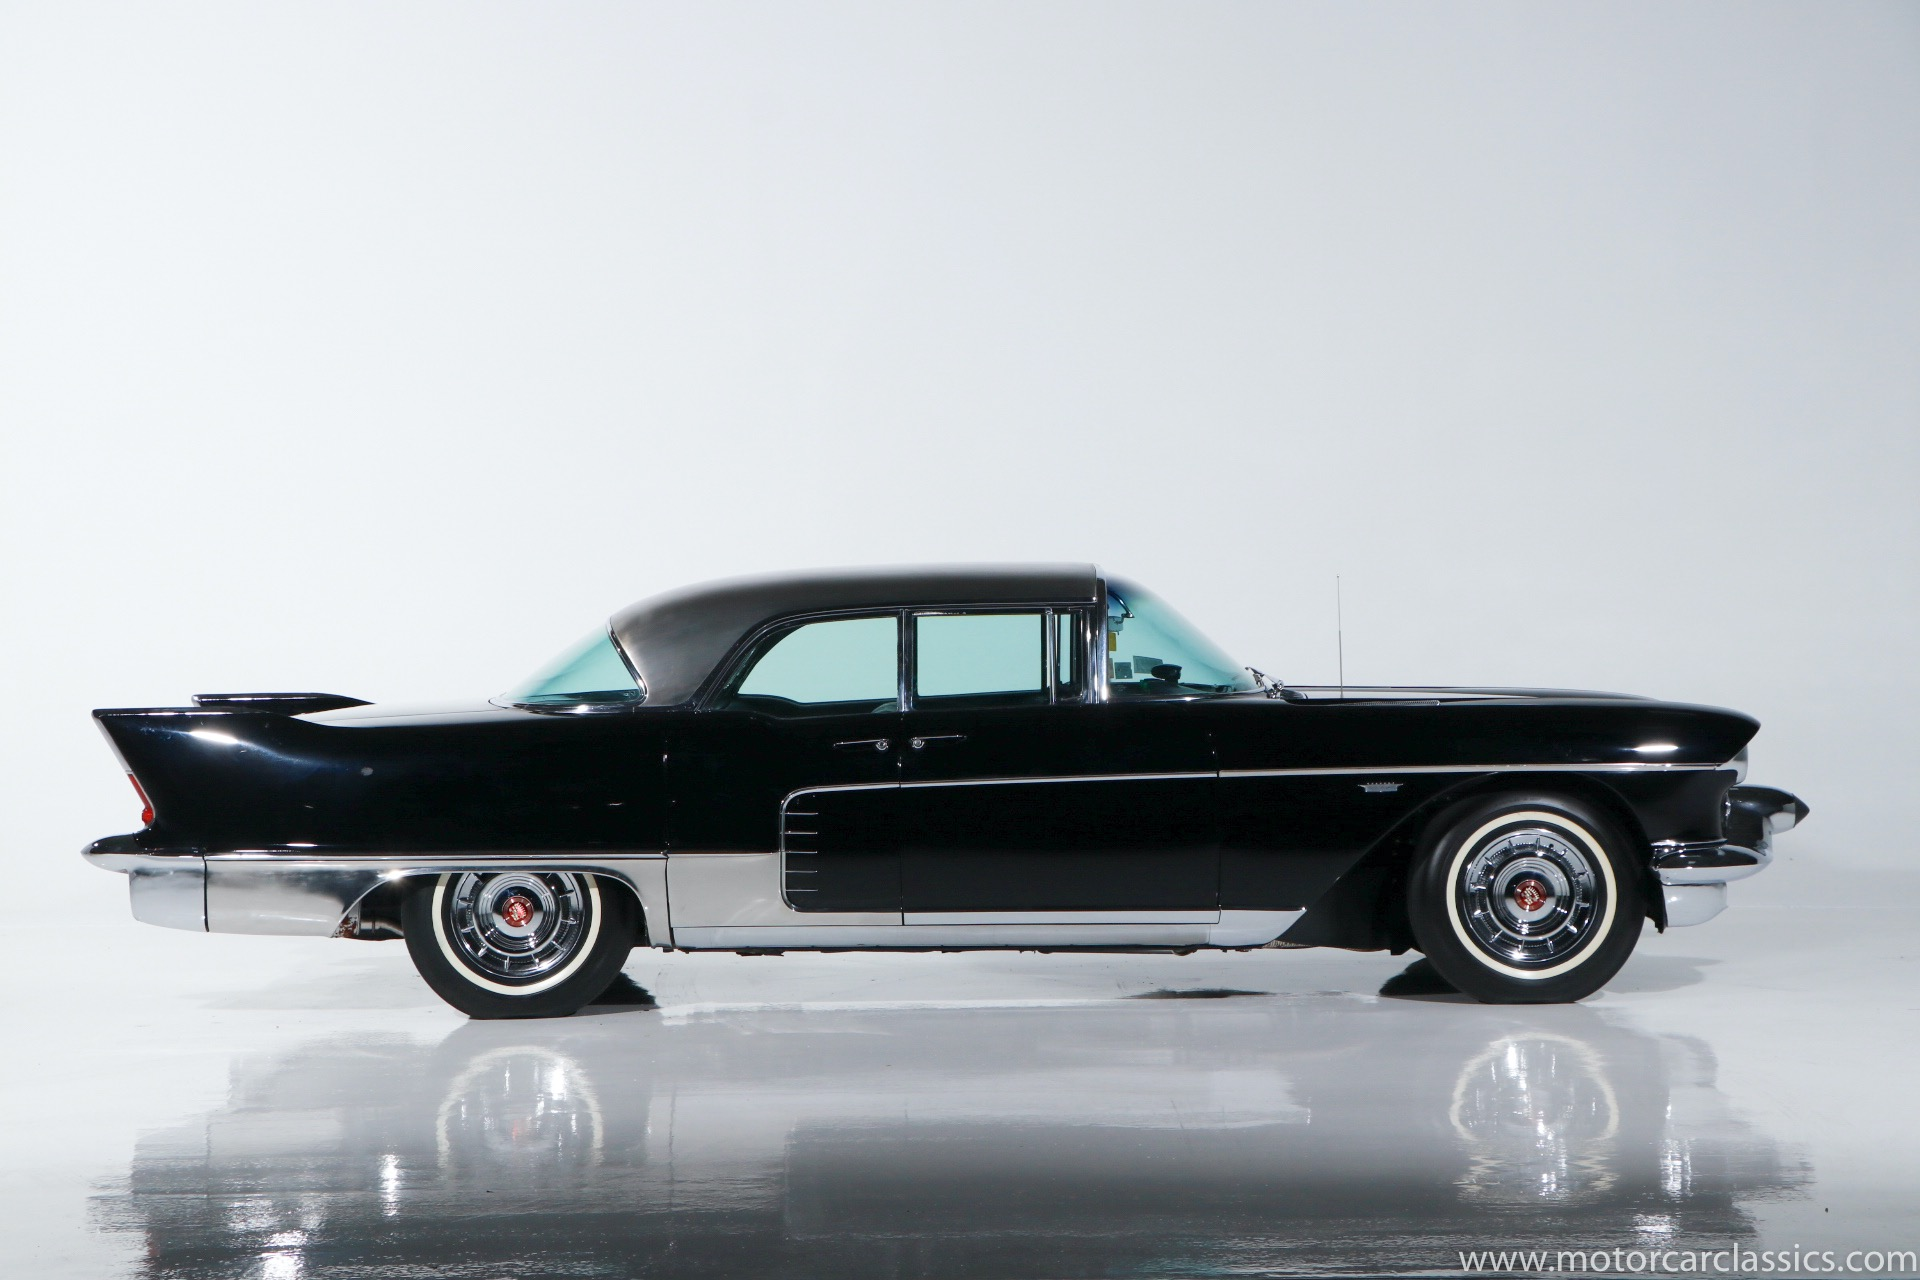 1958 Cadillac Eldorado Brougham